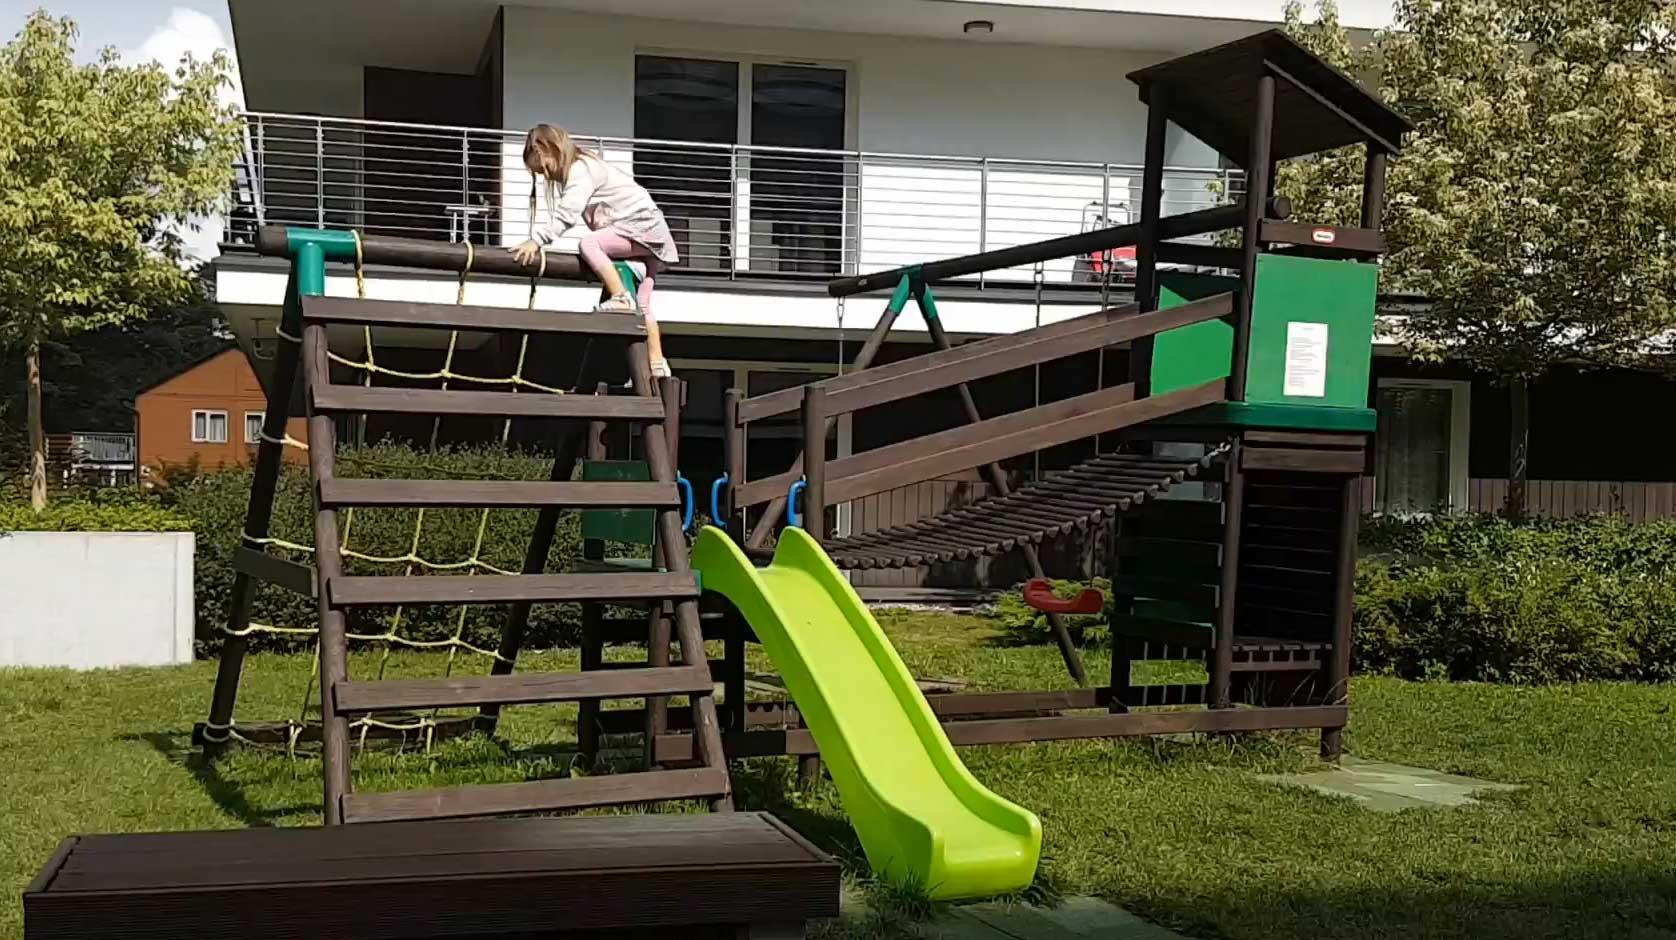 Full Size of Spielturm Garten Test 2020 Vergleich Der Besten Spieltrme Schaukelstuhl Ausziehtisch Sitzgruppe Schwimmbecken Essgruppe Heizstrahler Gewächshaus Mini Pool Garten Spielturm Garten